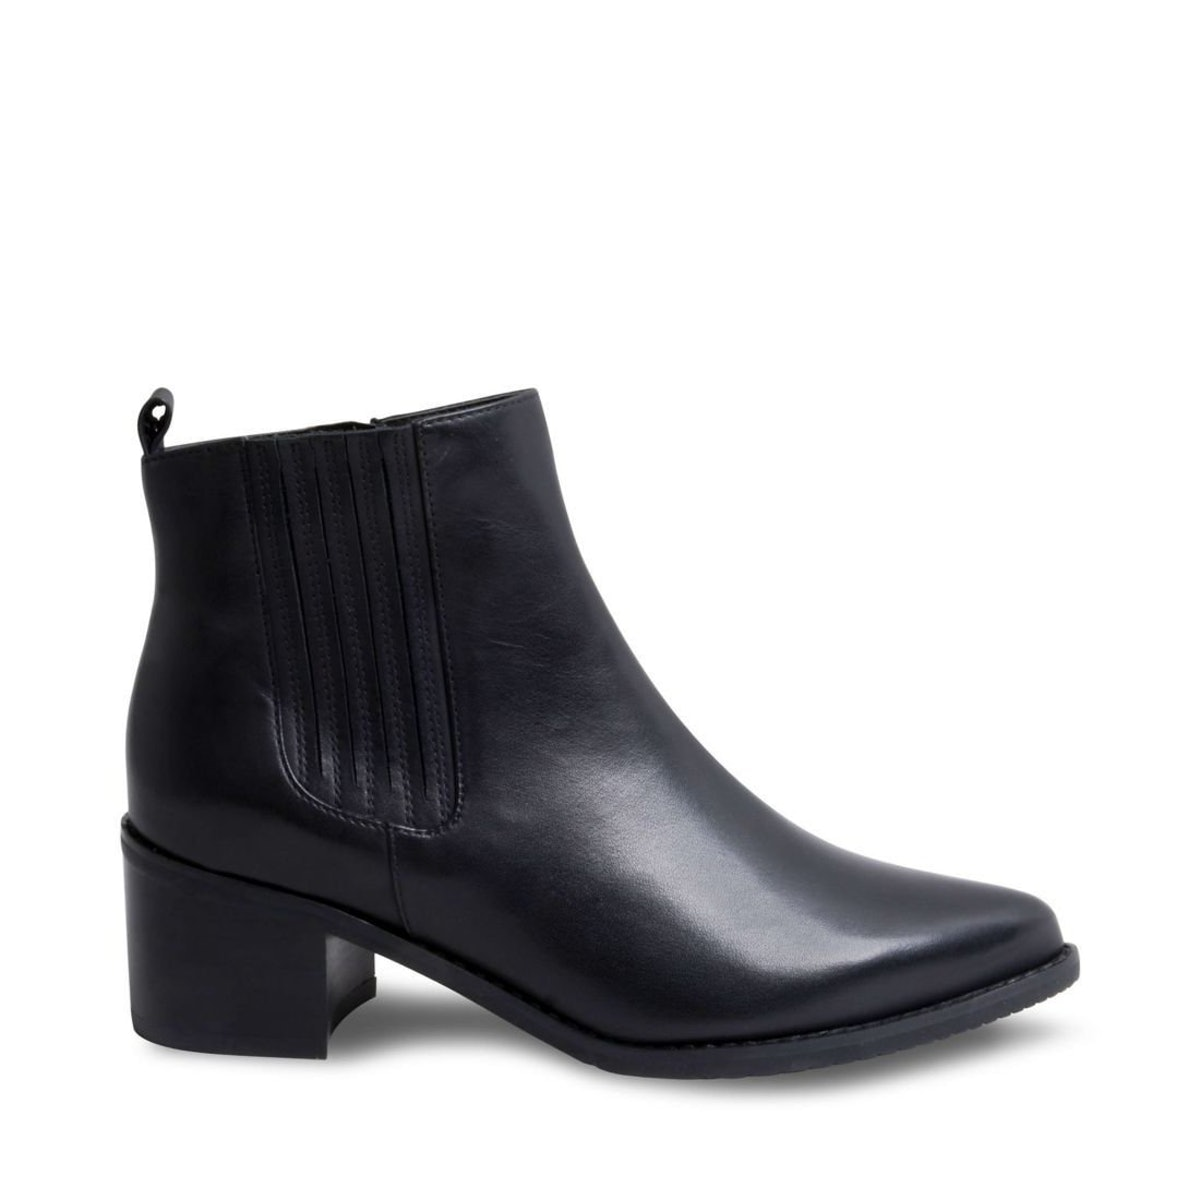 Elvina Waterproof Black Leather